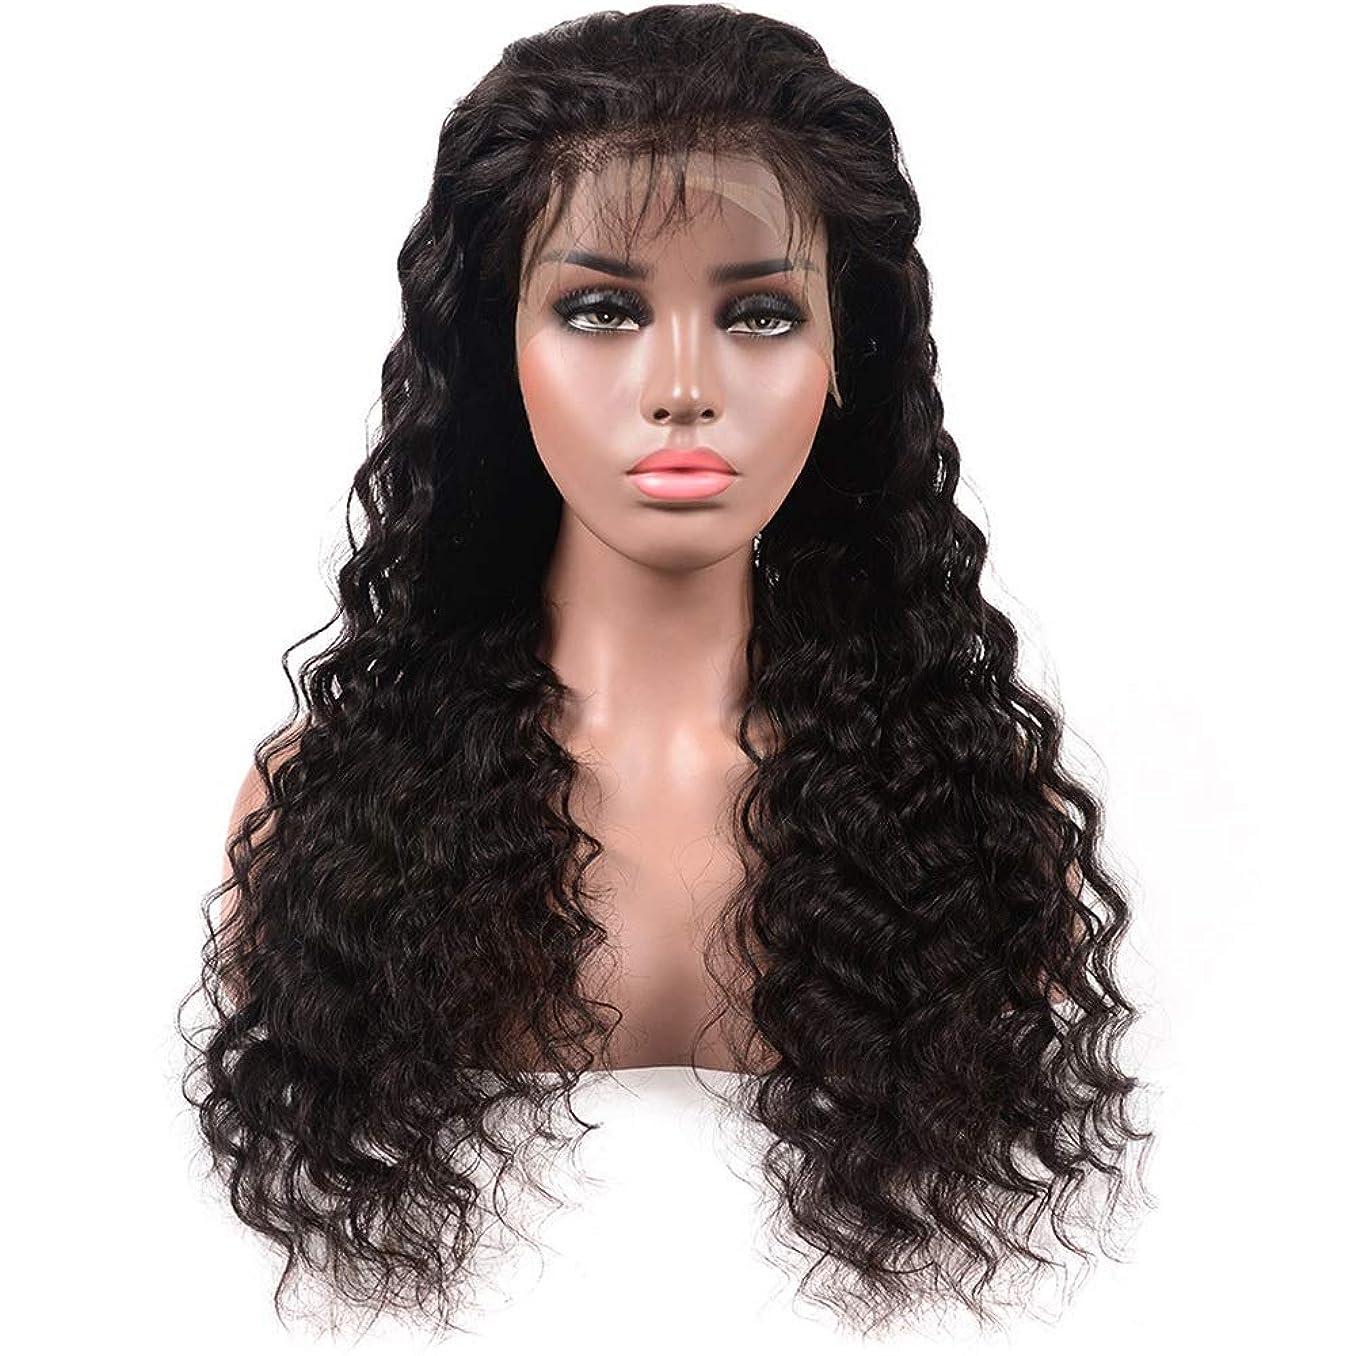 エイズ批判的に証人HOHYLLYA ディープウェーブハーフハンド100%本物の人間の髪の毛の自然な黒の長い巻き毛のレースフロントかつら女性の毎日のドレス(8